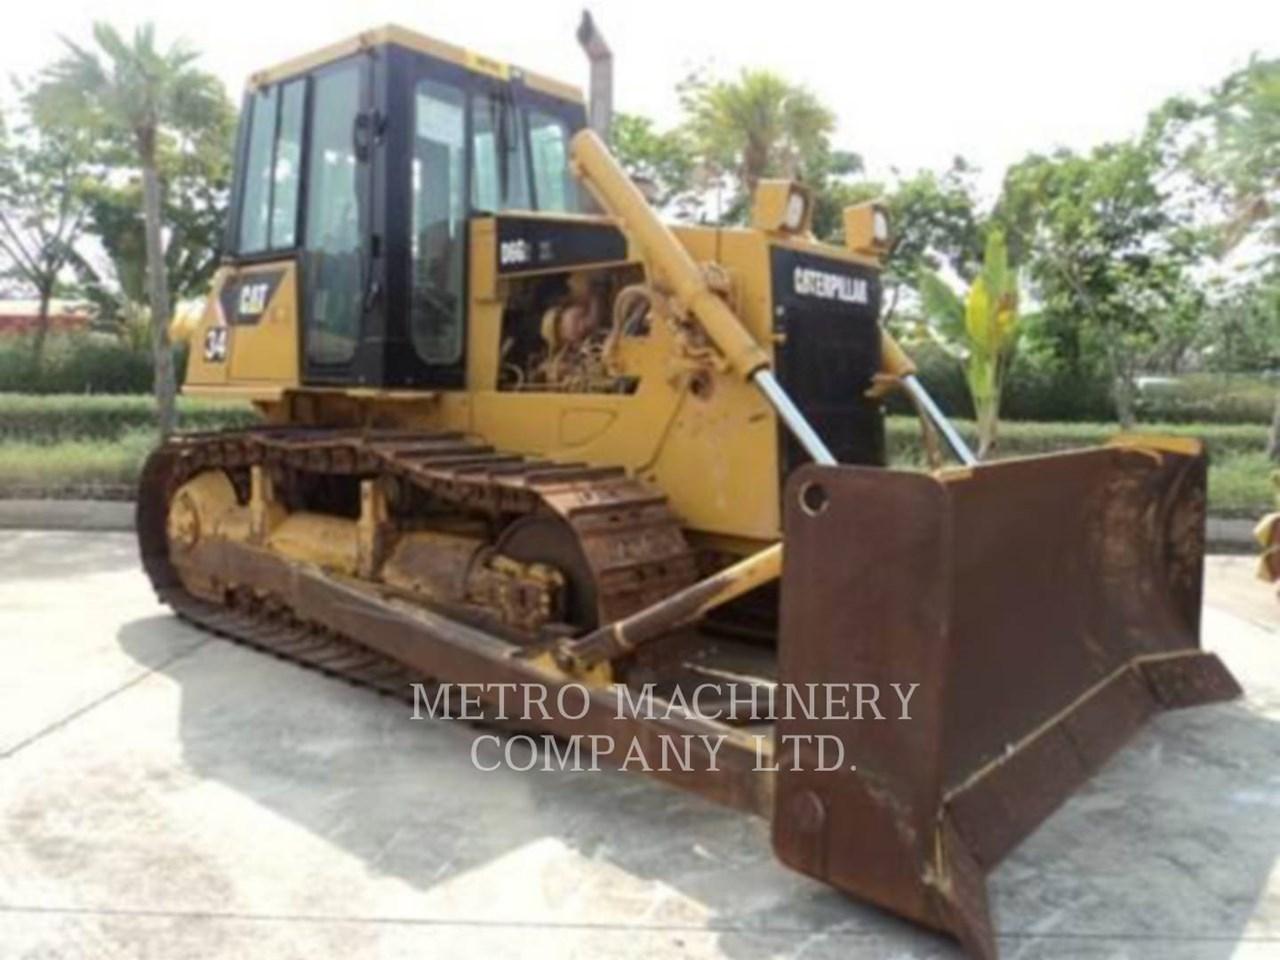 2011 Caterpillar D6G Image 3